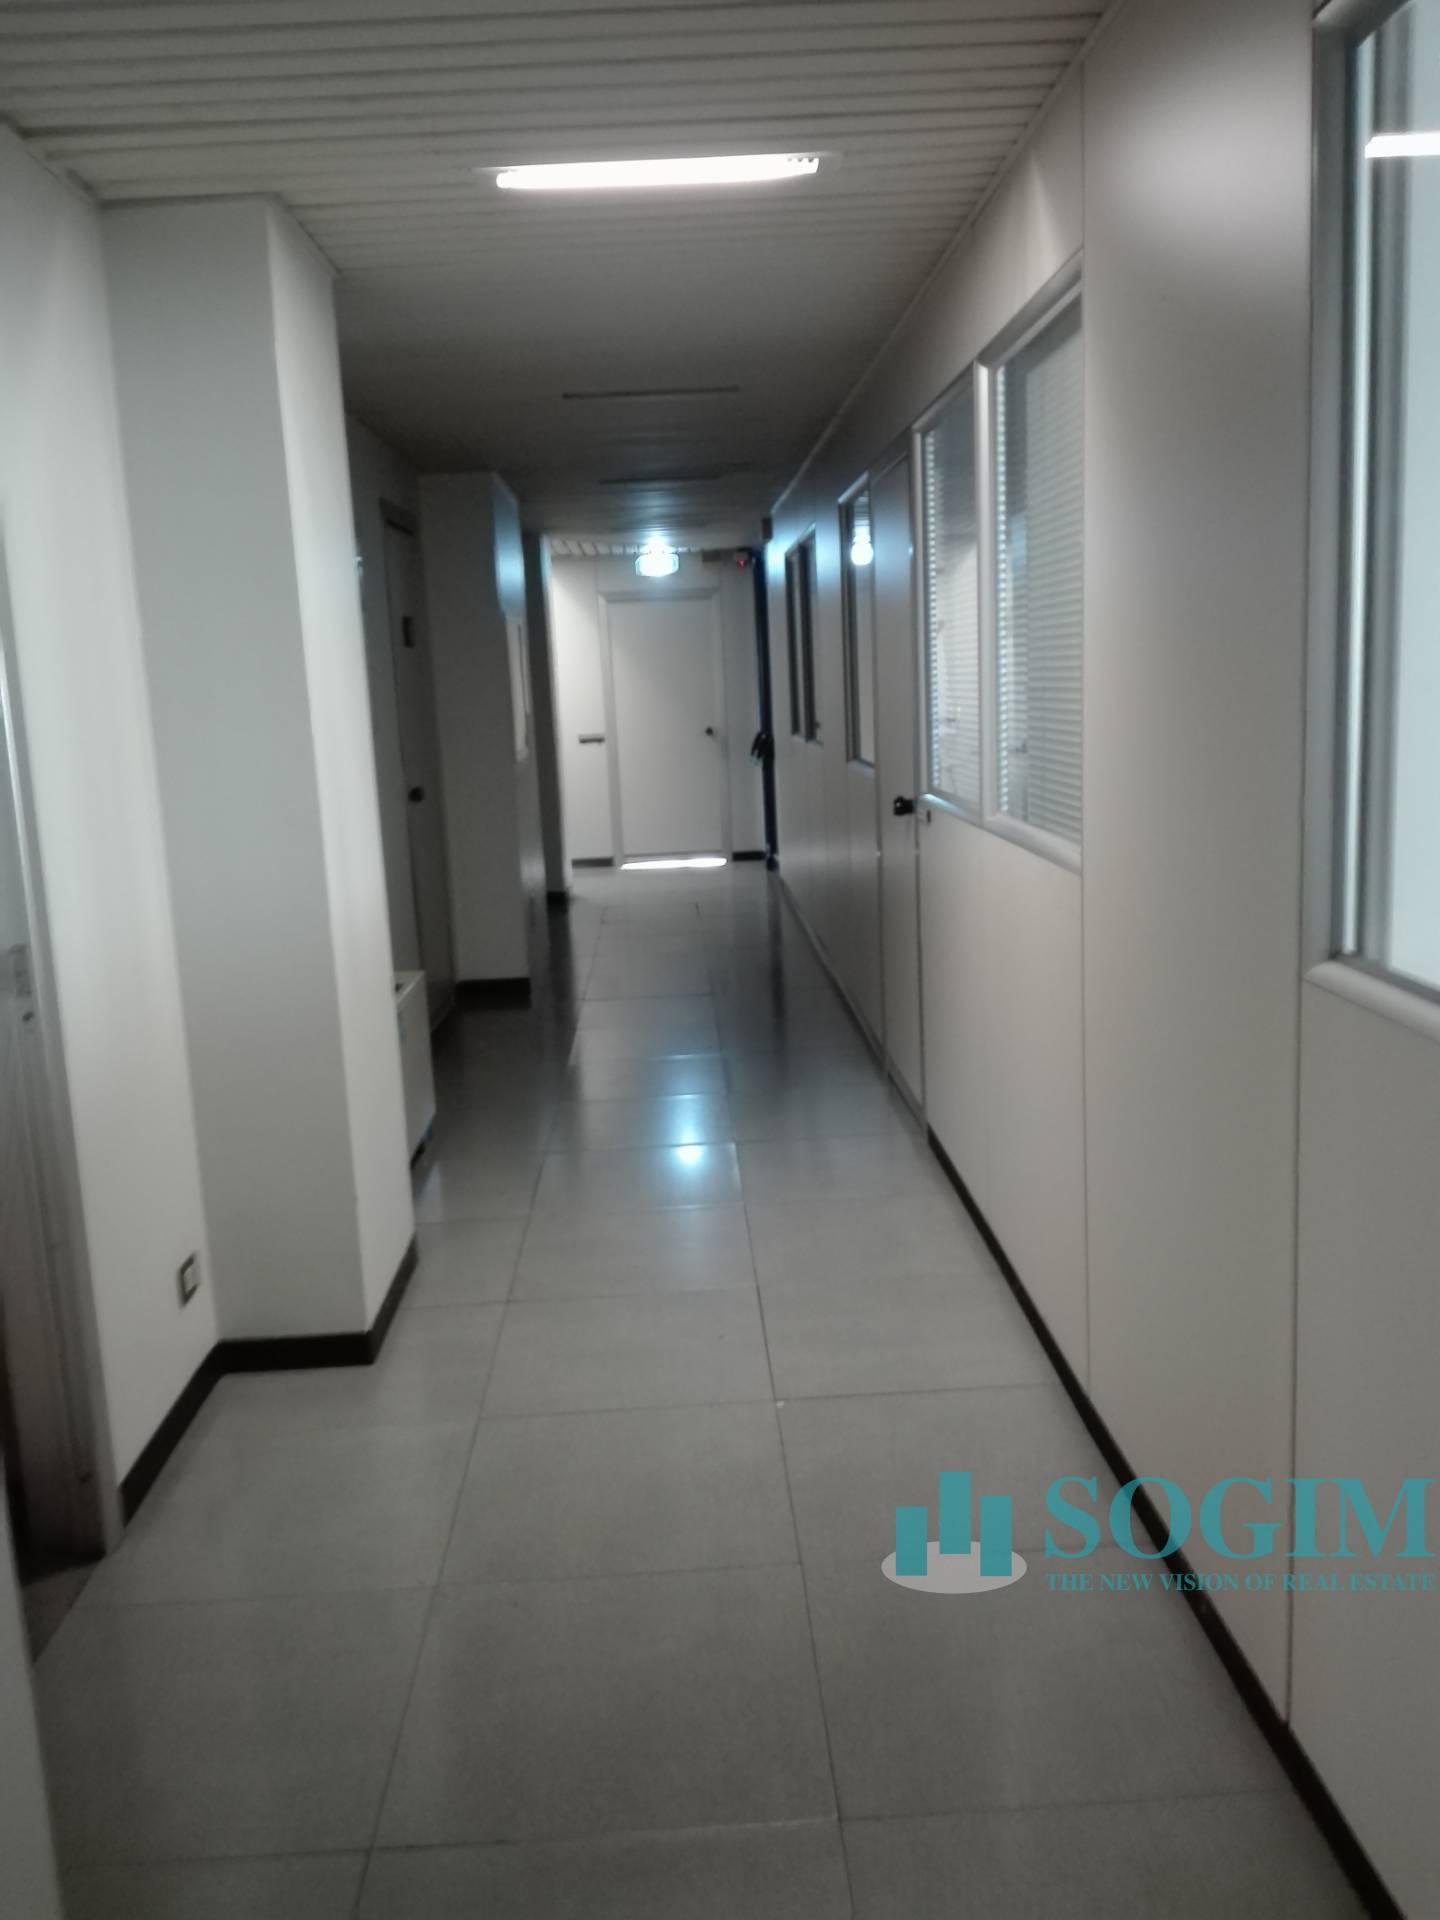 Ufficio in Affitto a Bollate  rif. 20262